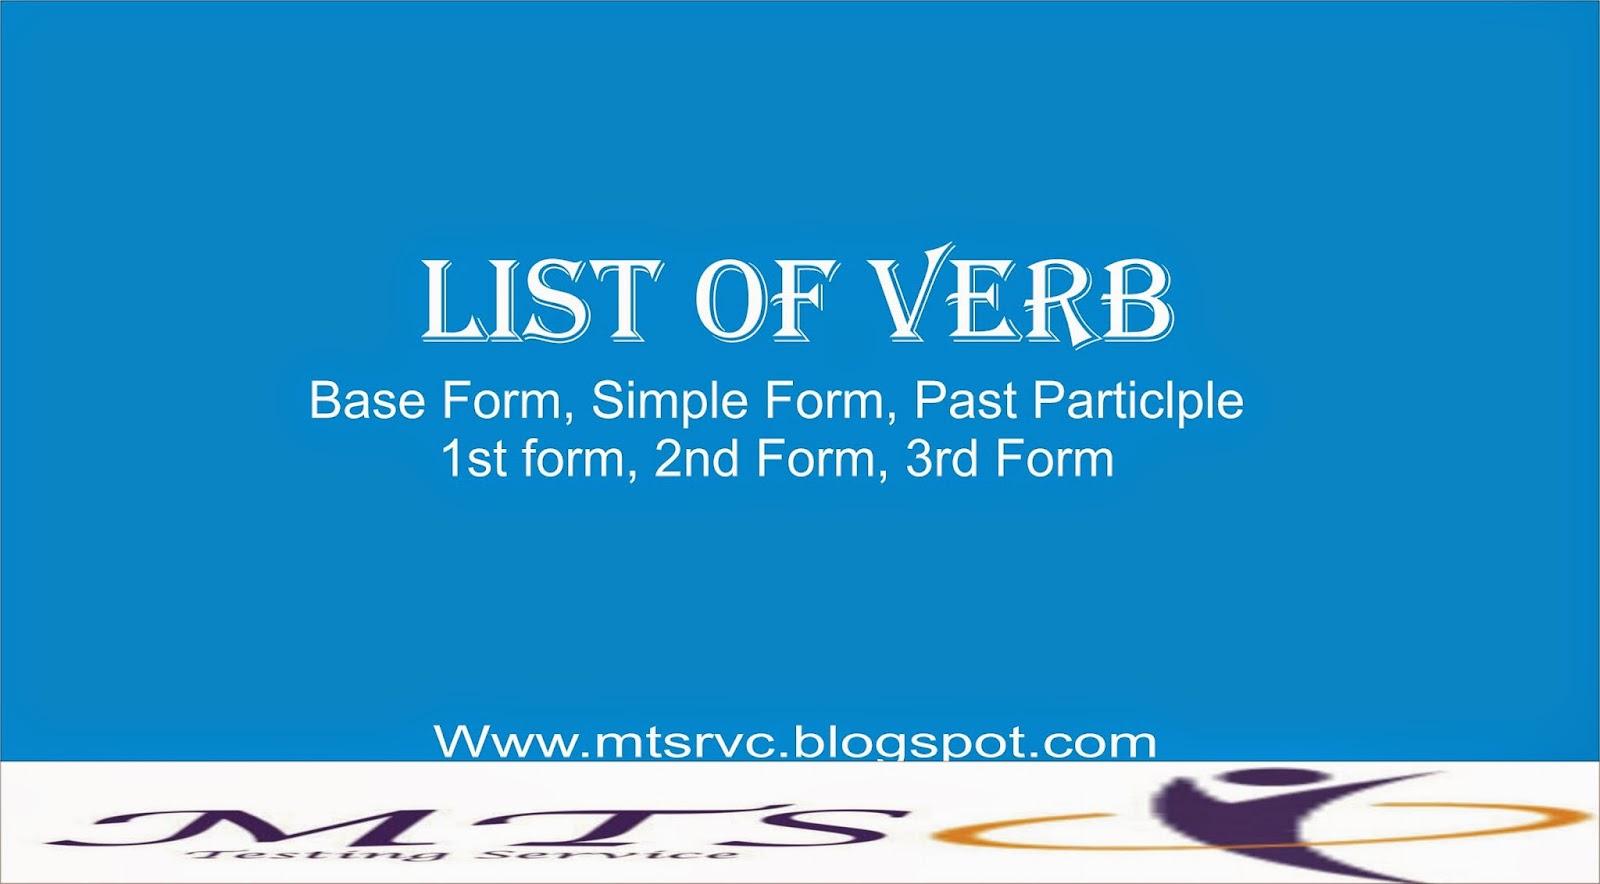 Verb Base Form